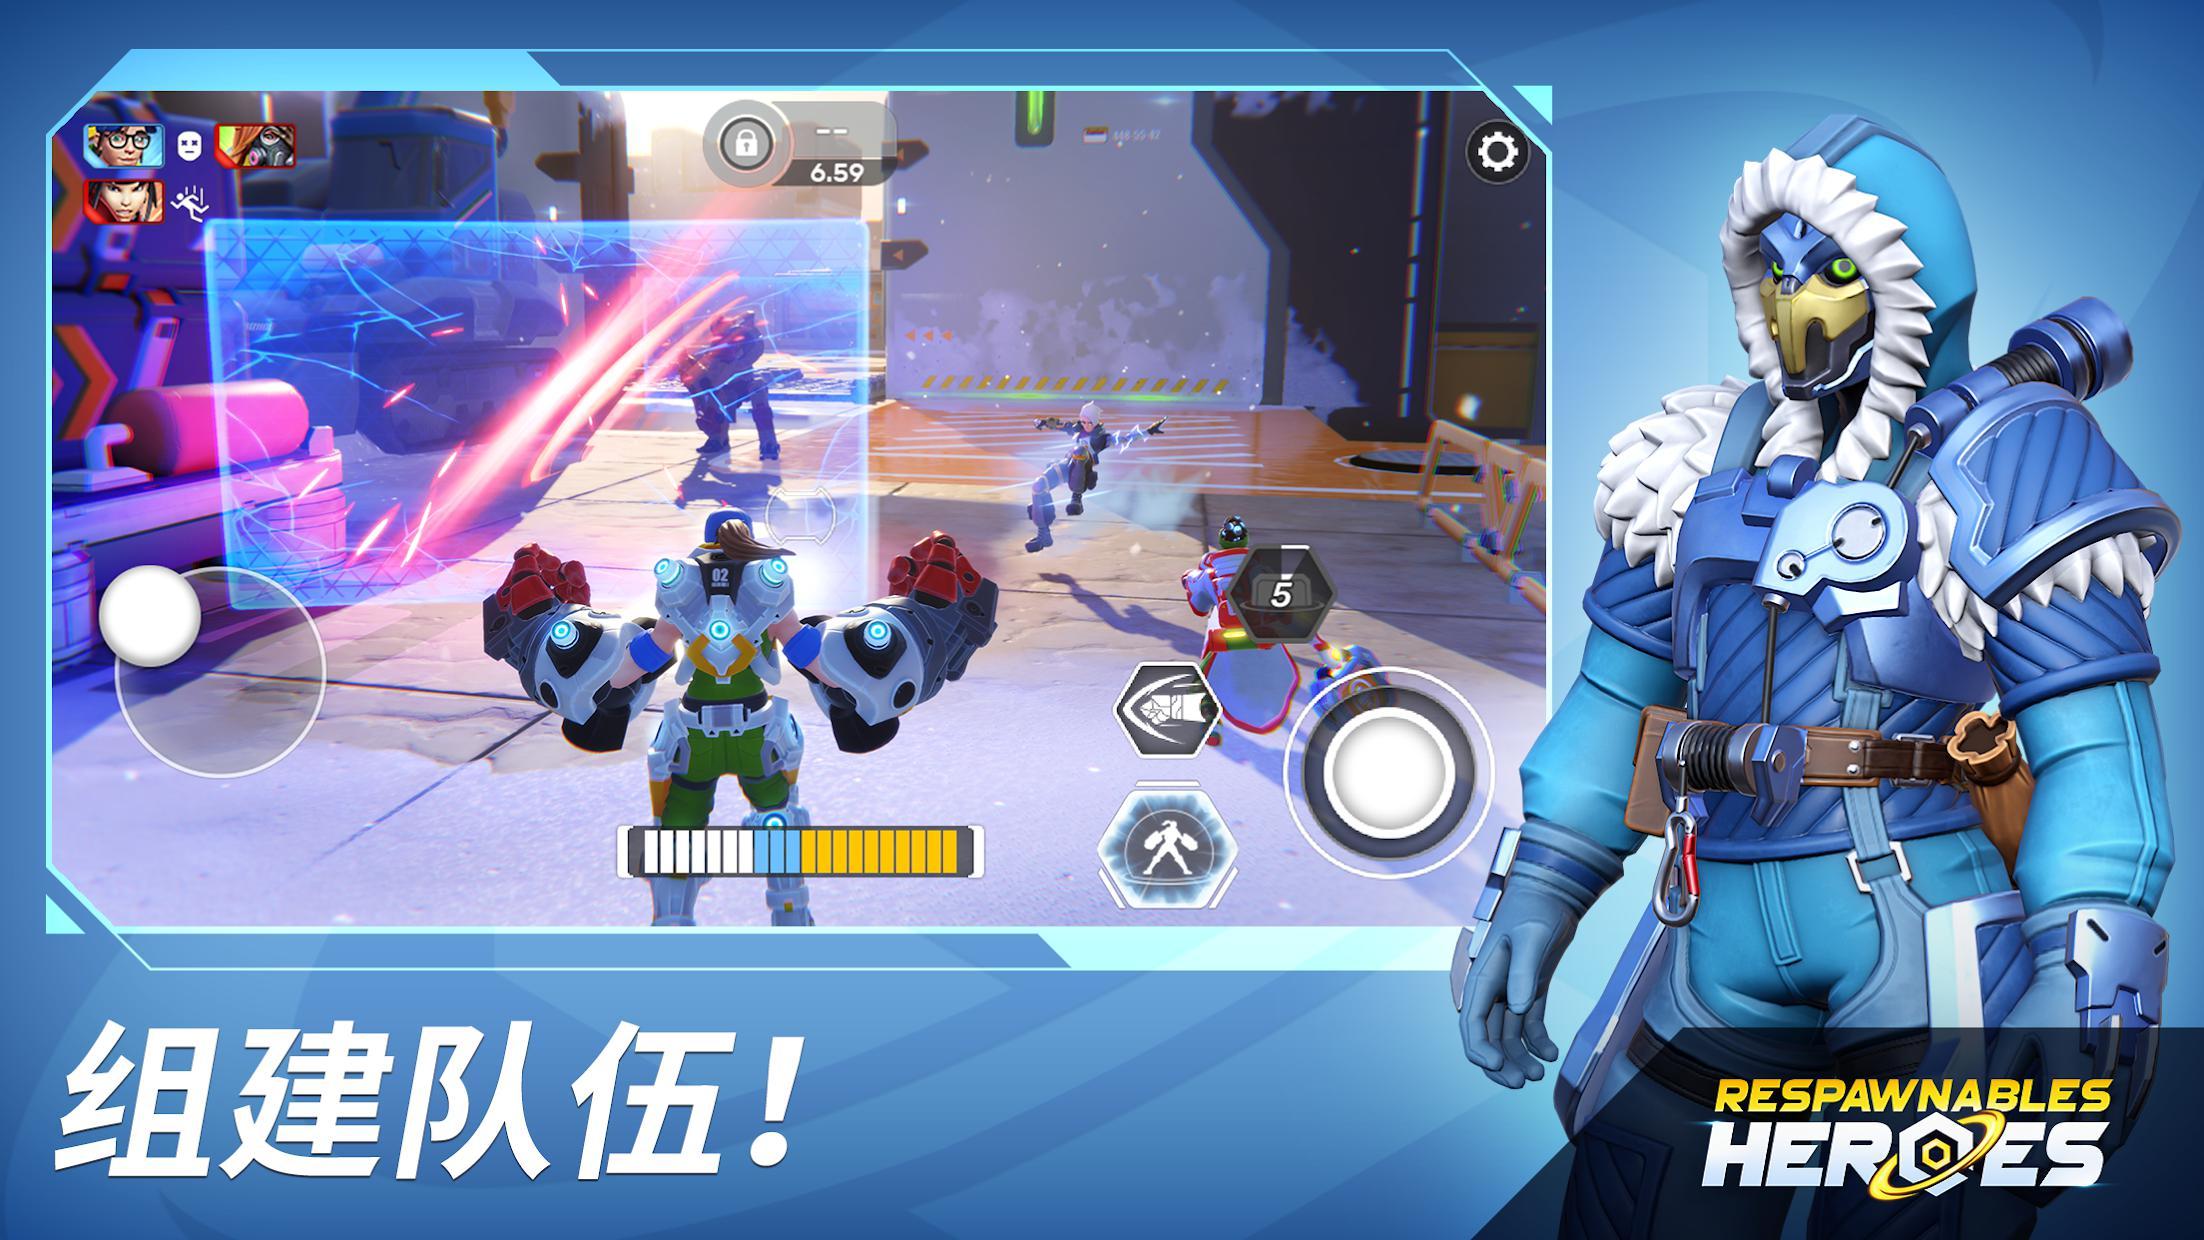 无敌士兵:英雄对战 游戏截图2